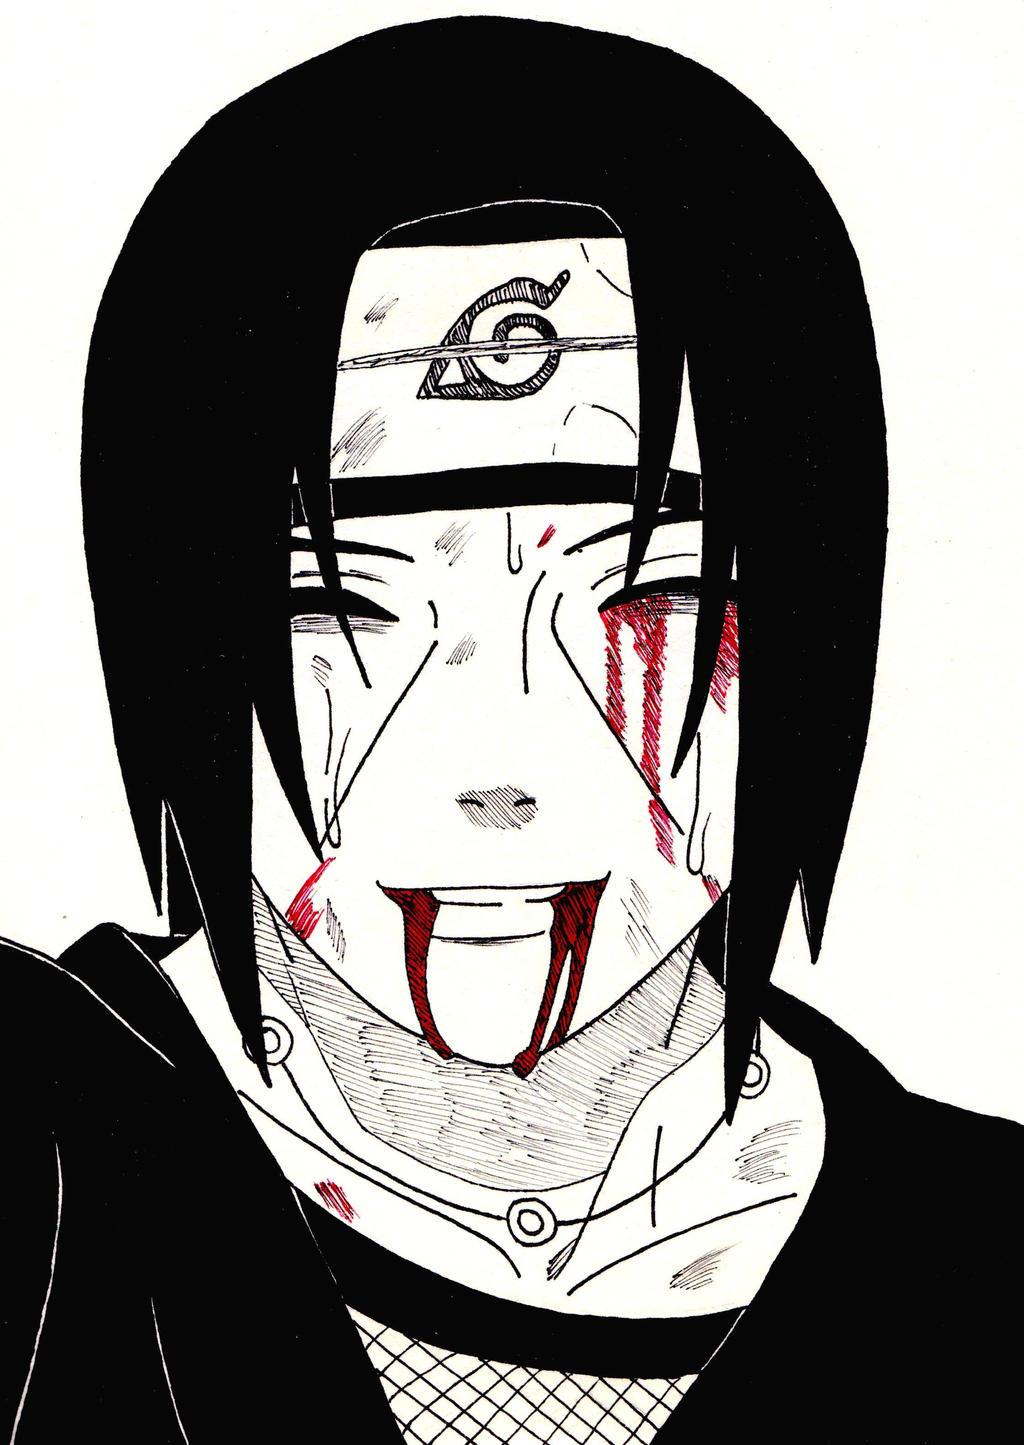 naruto characters stats sasuke uchiha tattoo design bild